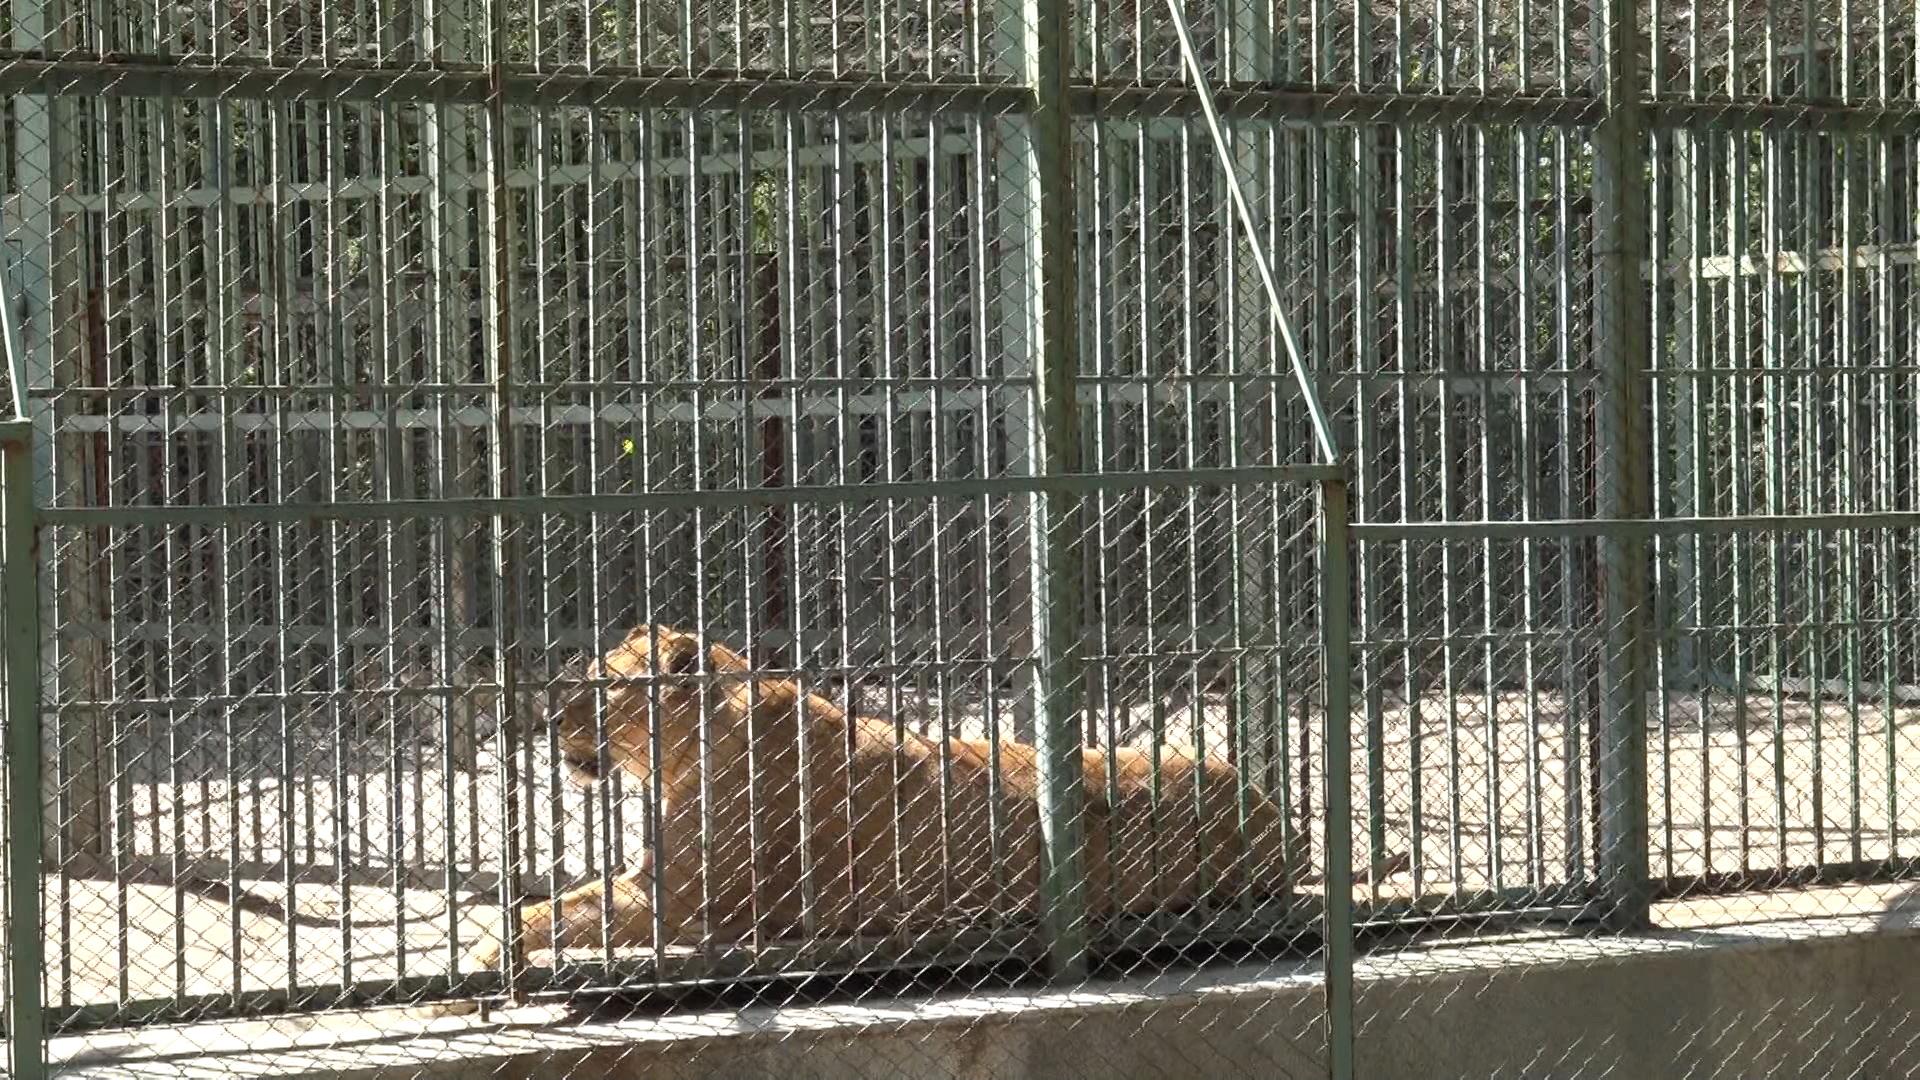 """13-годишната лъвица Петя в малките часове на 1 май ражда двете си рожби. Рано сутринта пристига ветеринарният лекар, който установява, че всичко е наред. Близо 24 часа след раждането майката не ги е захранила. Двете лъвчета били на страни и изпаднали в хипотермия. """"Веднага извикахме ветеринарния доктор Инджов от клиниката в Димитровград, когато ги взе докторът бяха живи, но в последствие едното почива после и другото"""", разказа шефът на Зоокът """"Кенана"""" Валентин Ахтаров"""